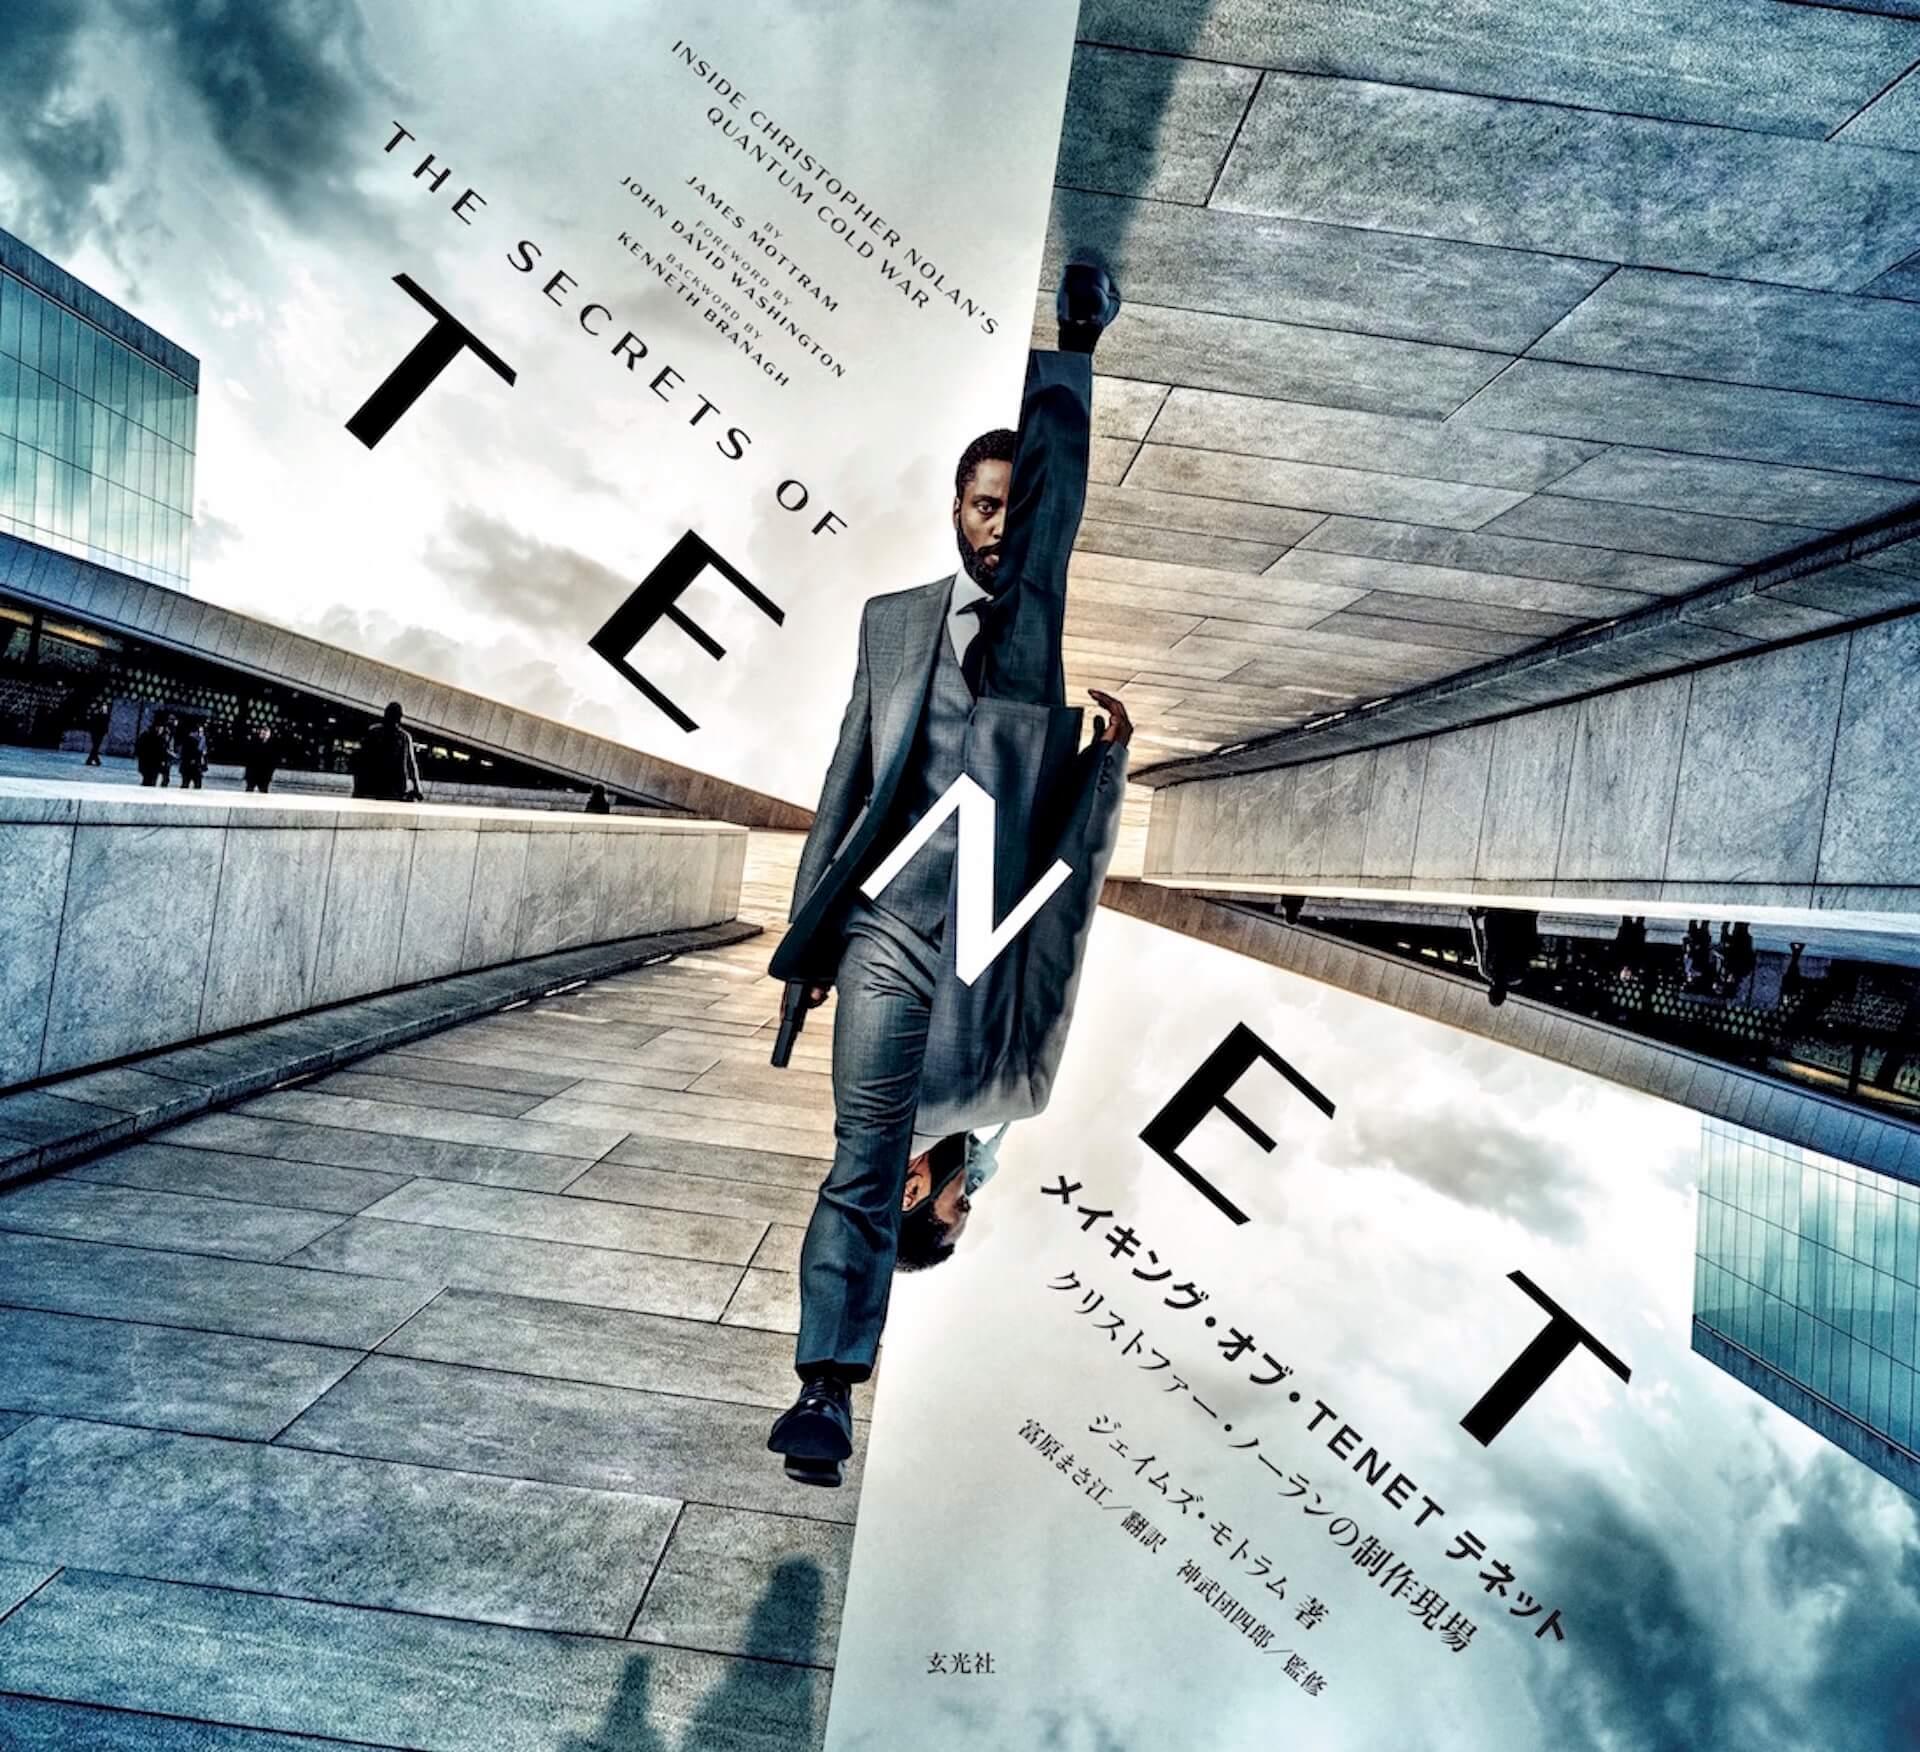 ノーラン監督の撮影技法に迫る!『TENET テネット』の舞台裏を網羅した完全読本『メイキング・オブ・TENET テネット』が発売決定 film200806_tenet_making_17